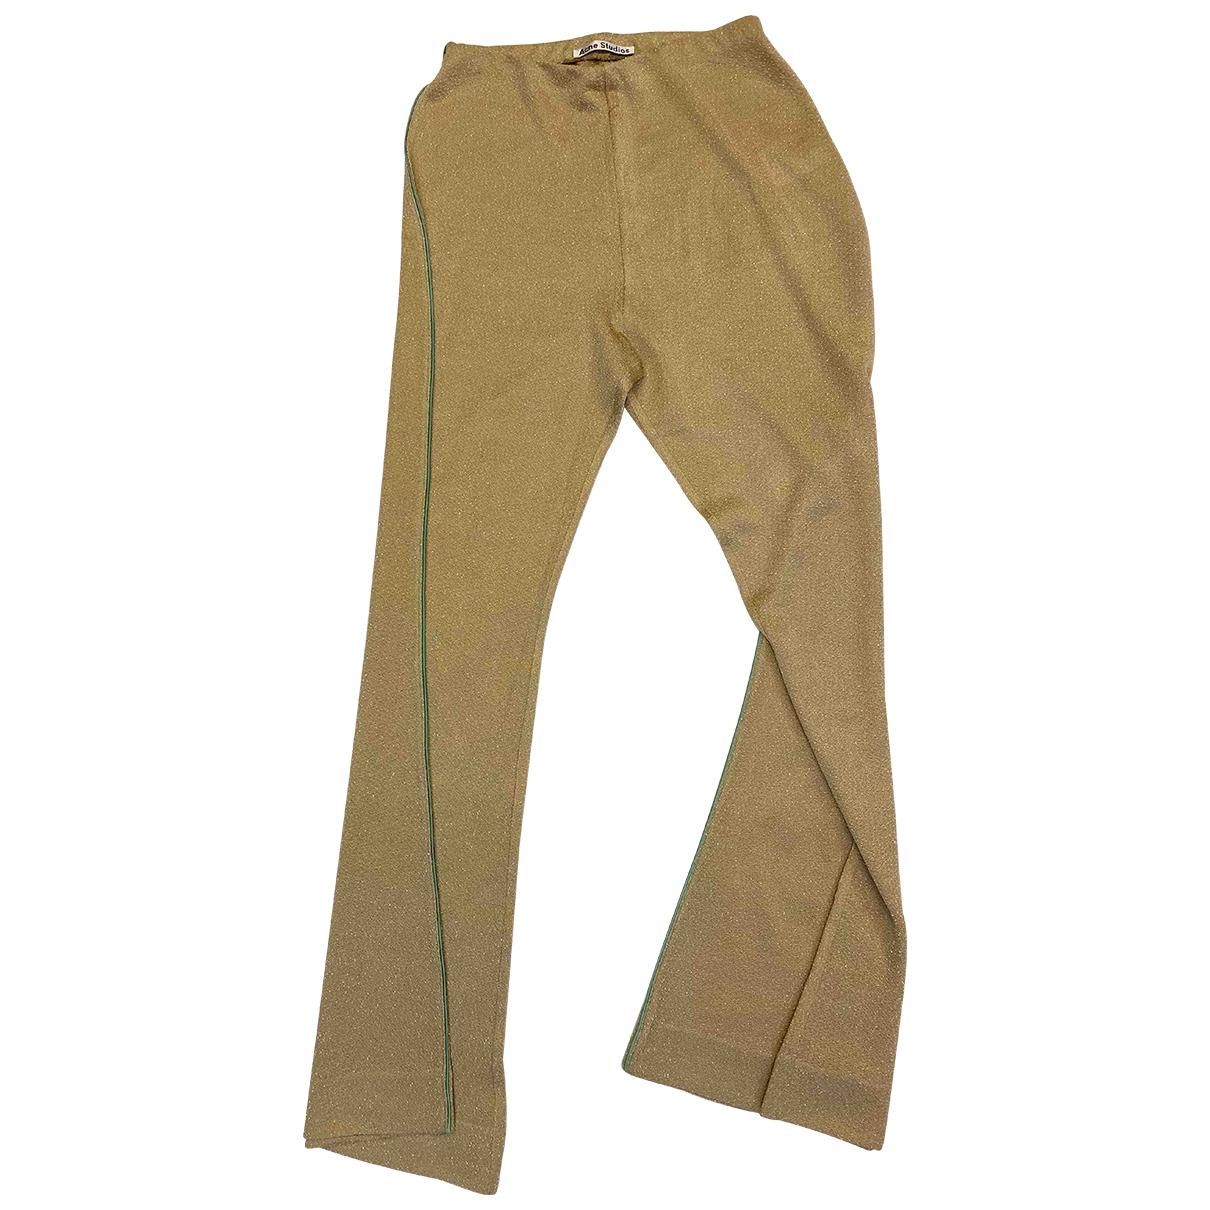 Acne Studios \N Beige Trousers for Women L International